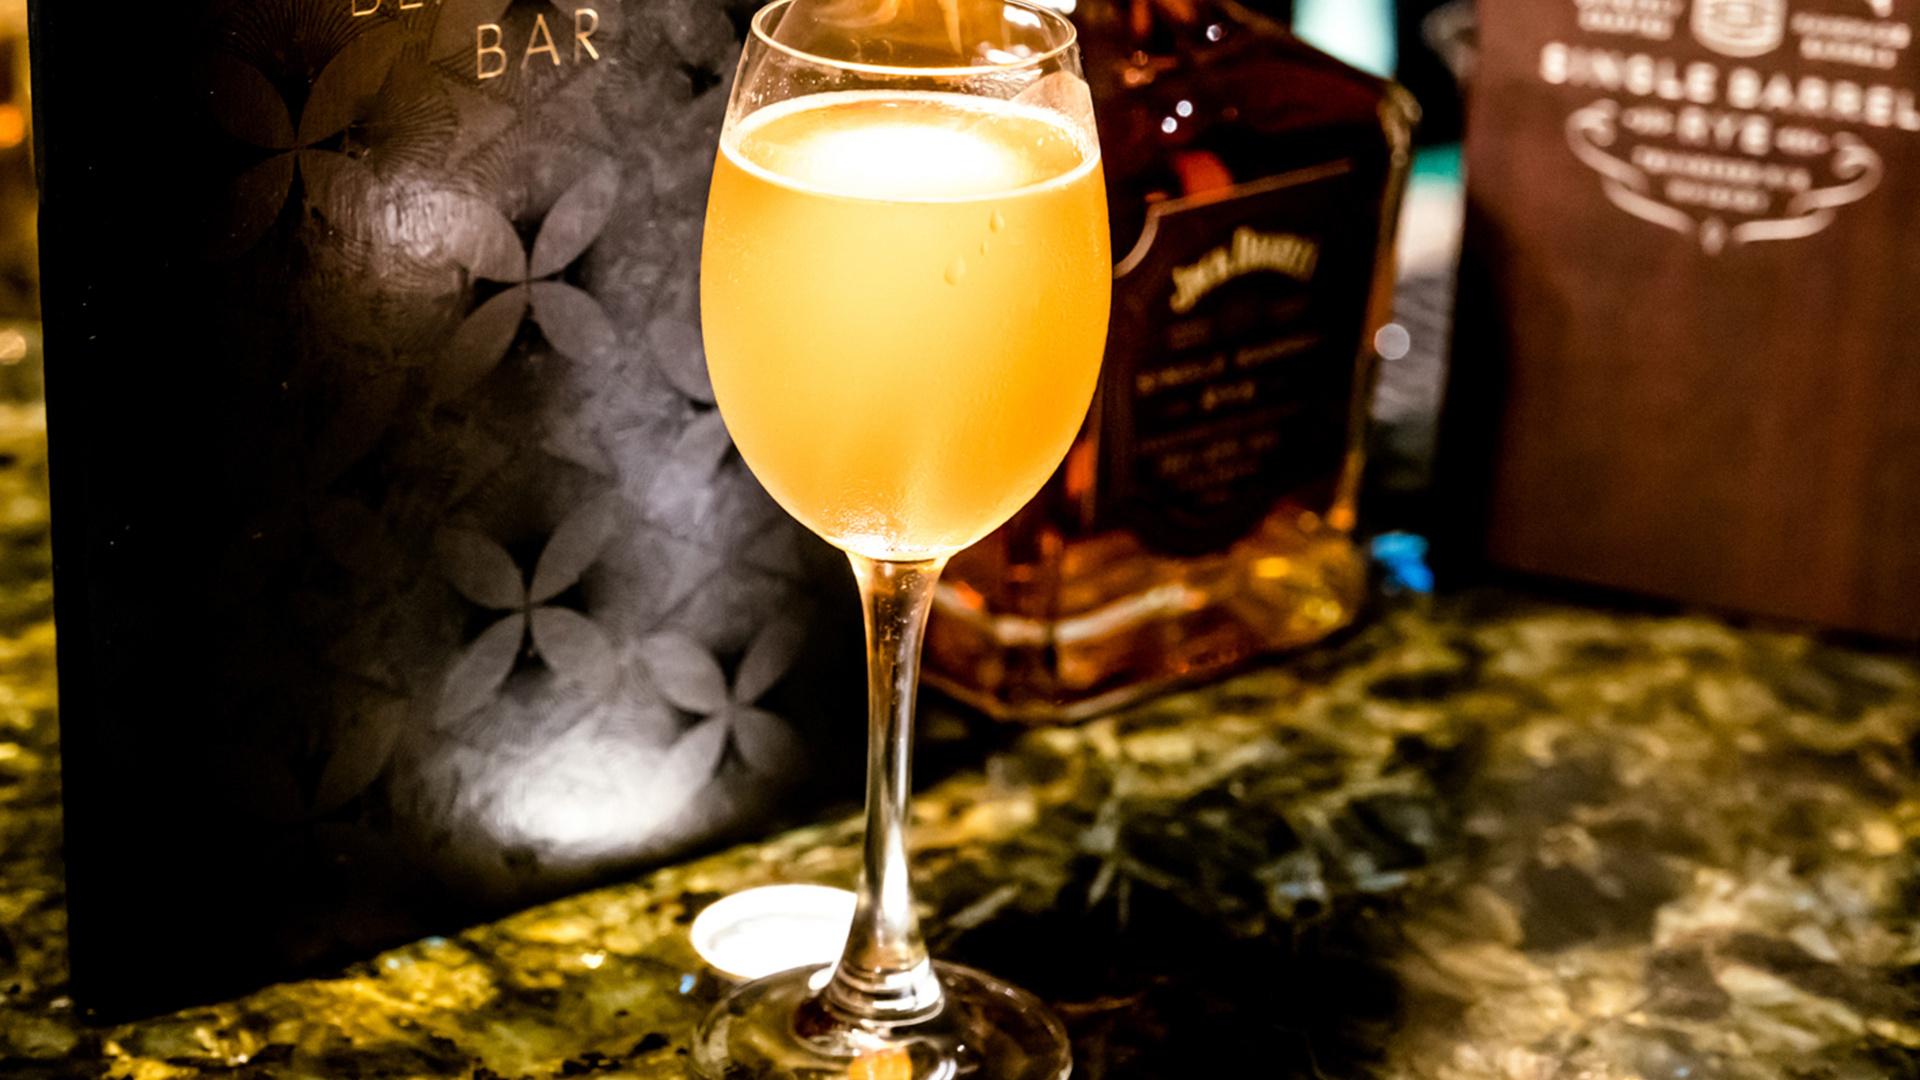 Jack Daniels Single Barrel Rye 150 In The Making